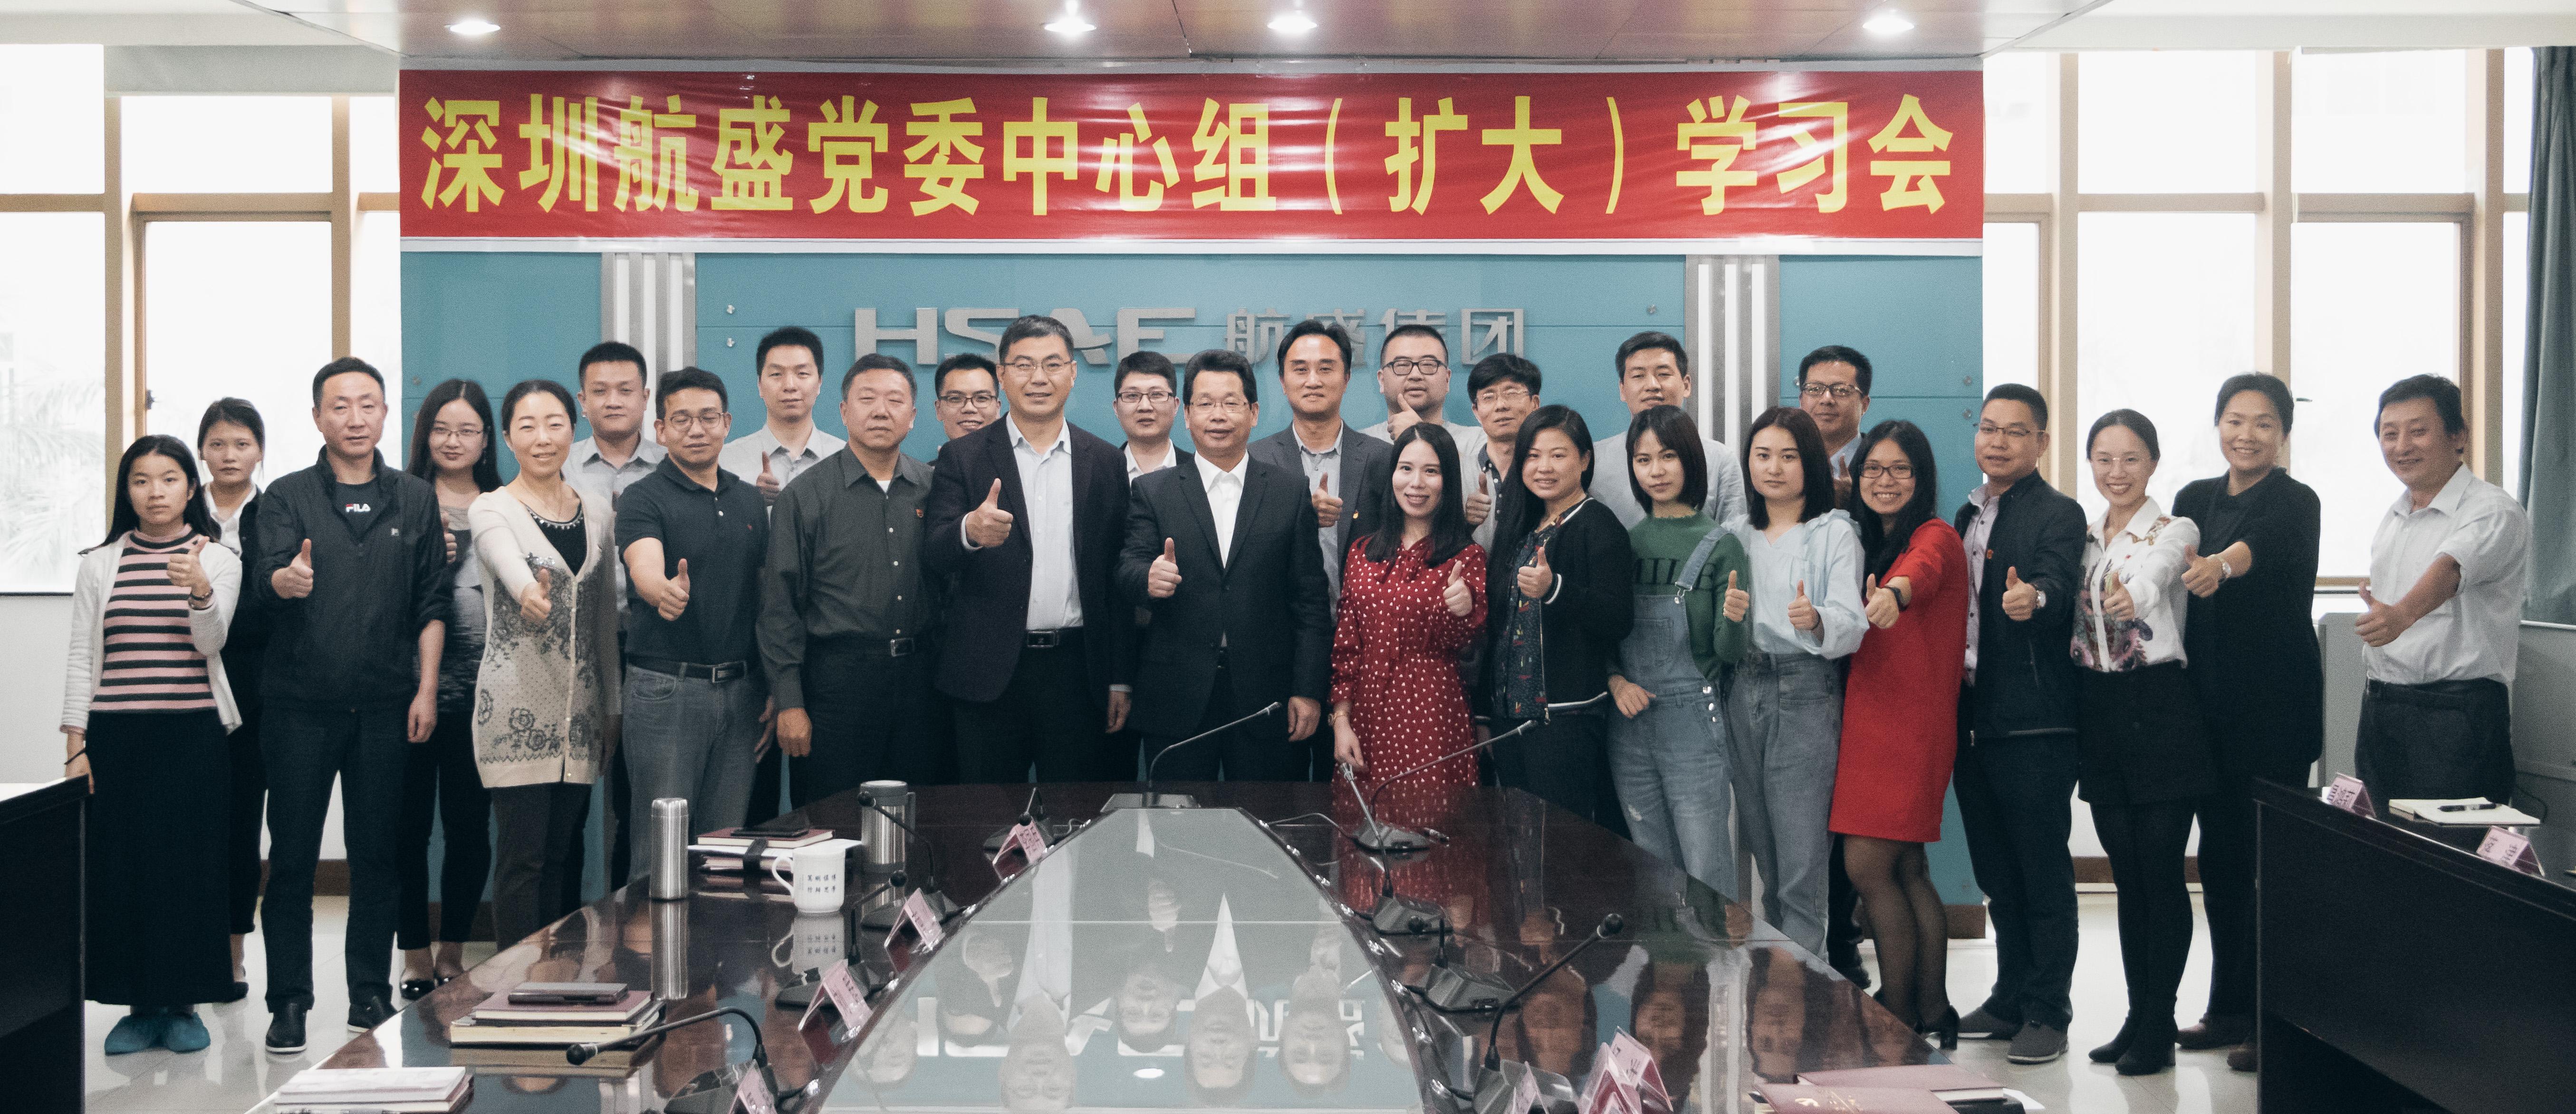 把握新形势 展现新作为——深圳航盛党委举办2019年第一季度党委中心组(扩大)学习会